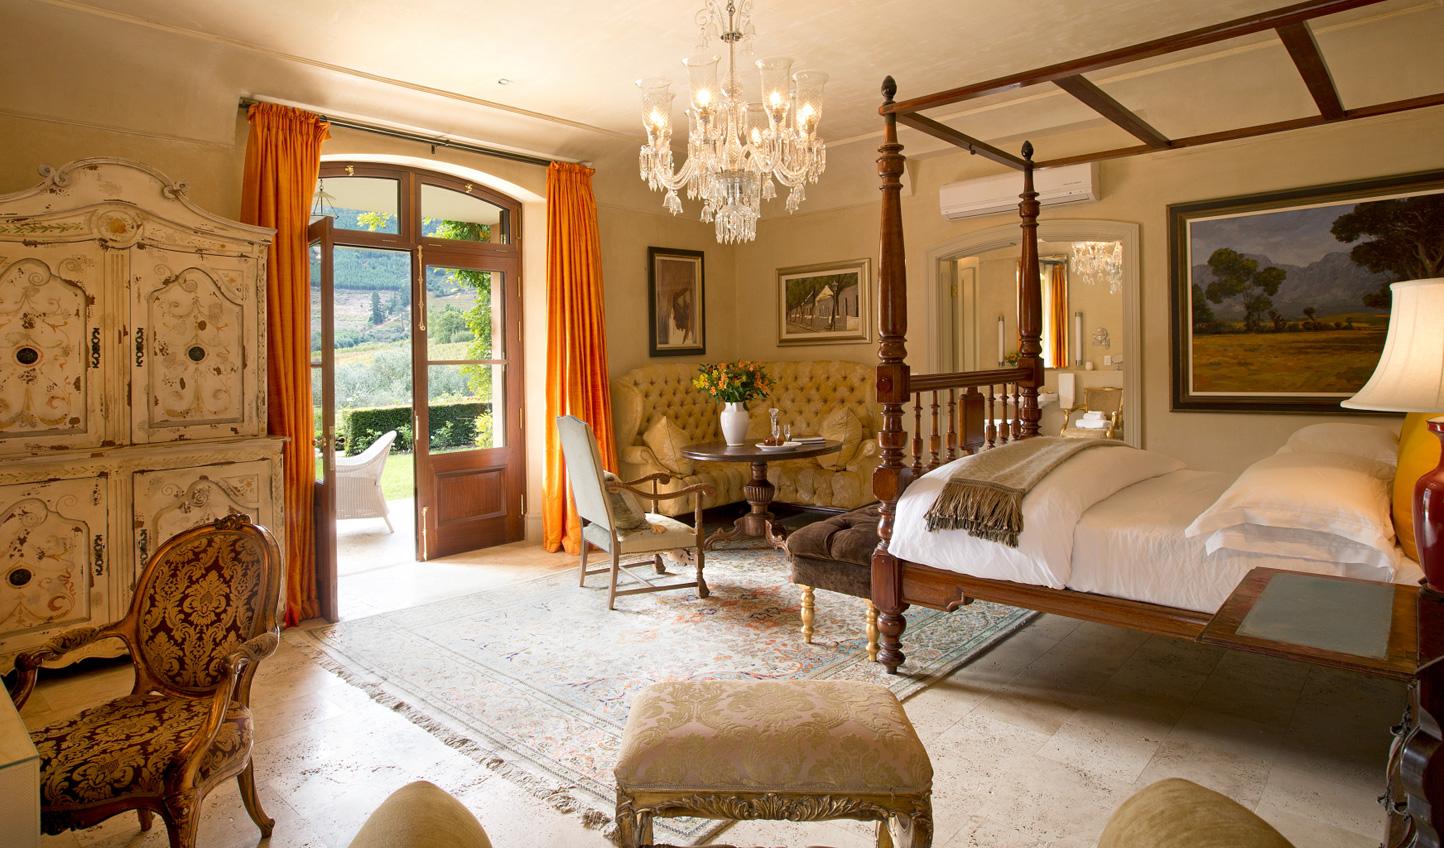 The Honeysuckle Bedroom